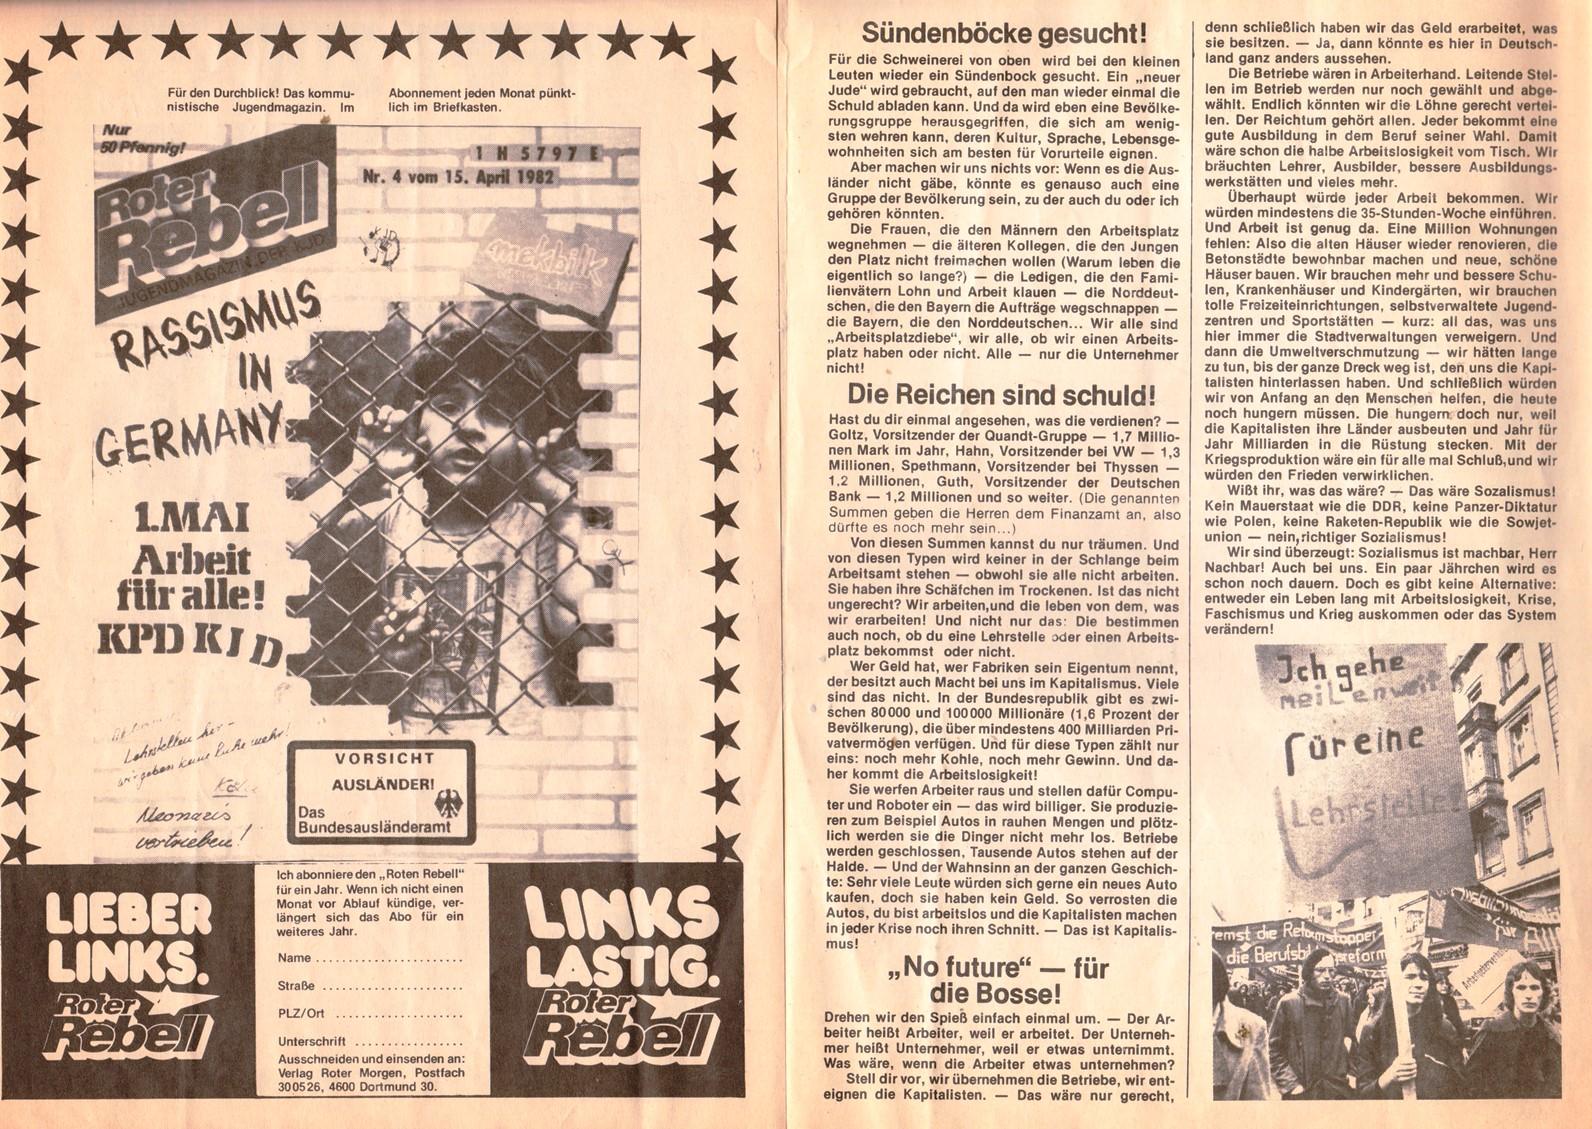 KJD_1982_Standpunkt_zur_Jugendarbeitslosigkeit_03